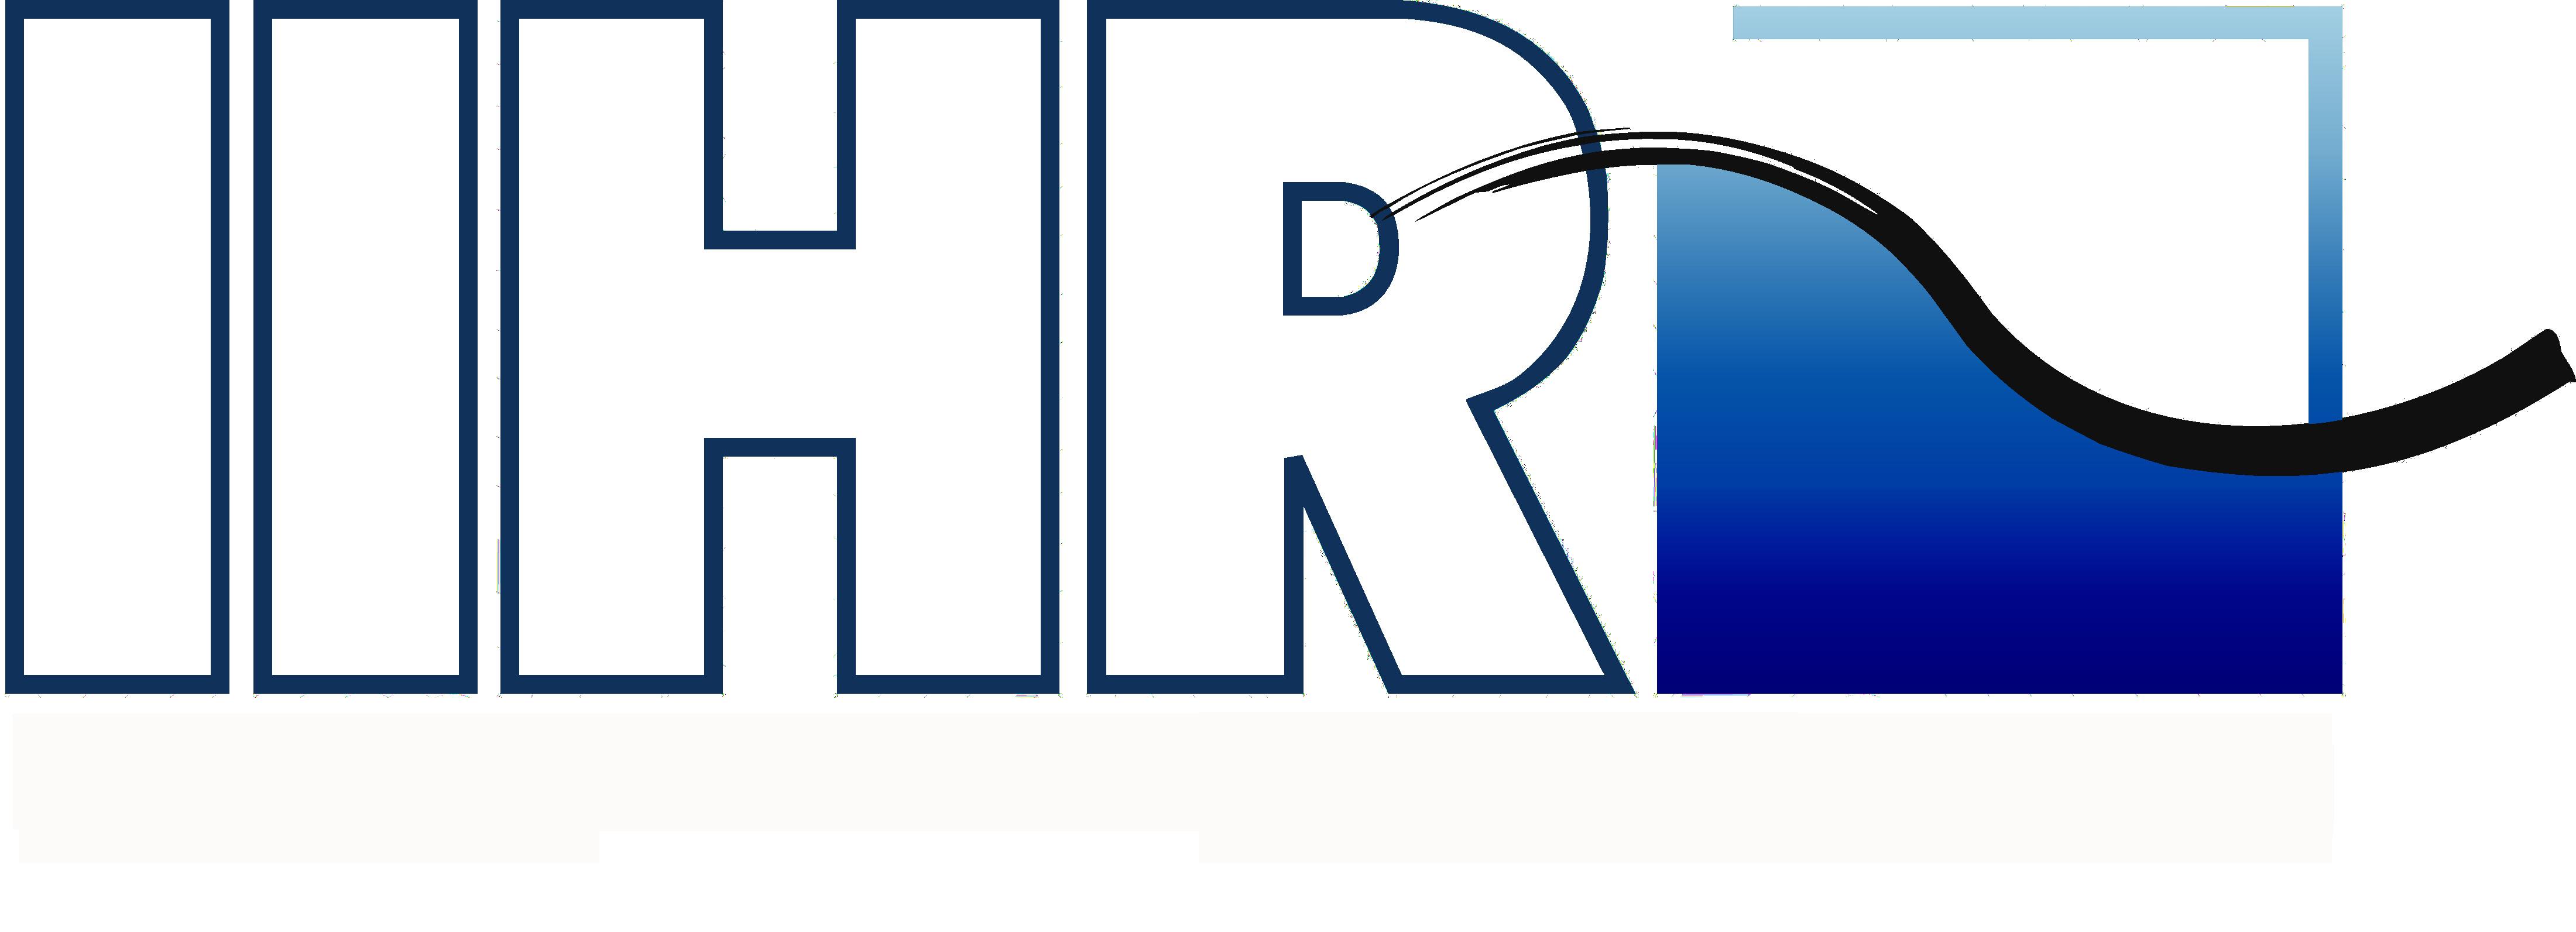 IIHR logo.